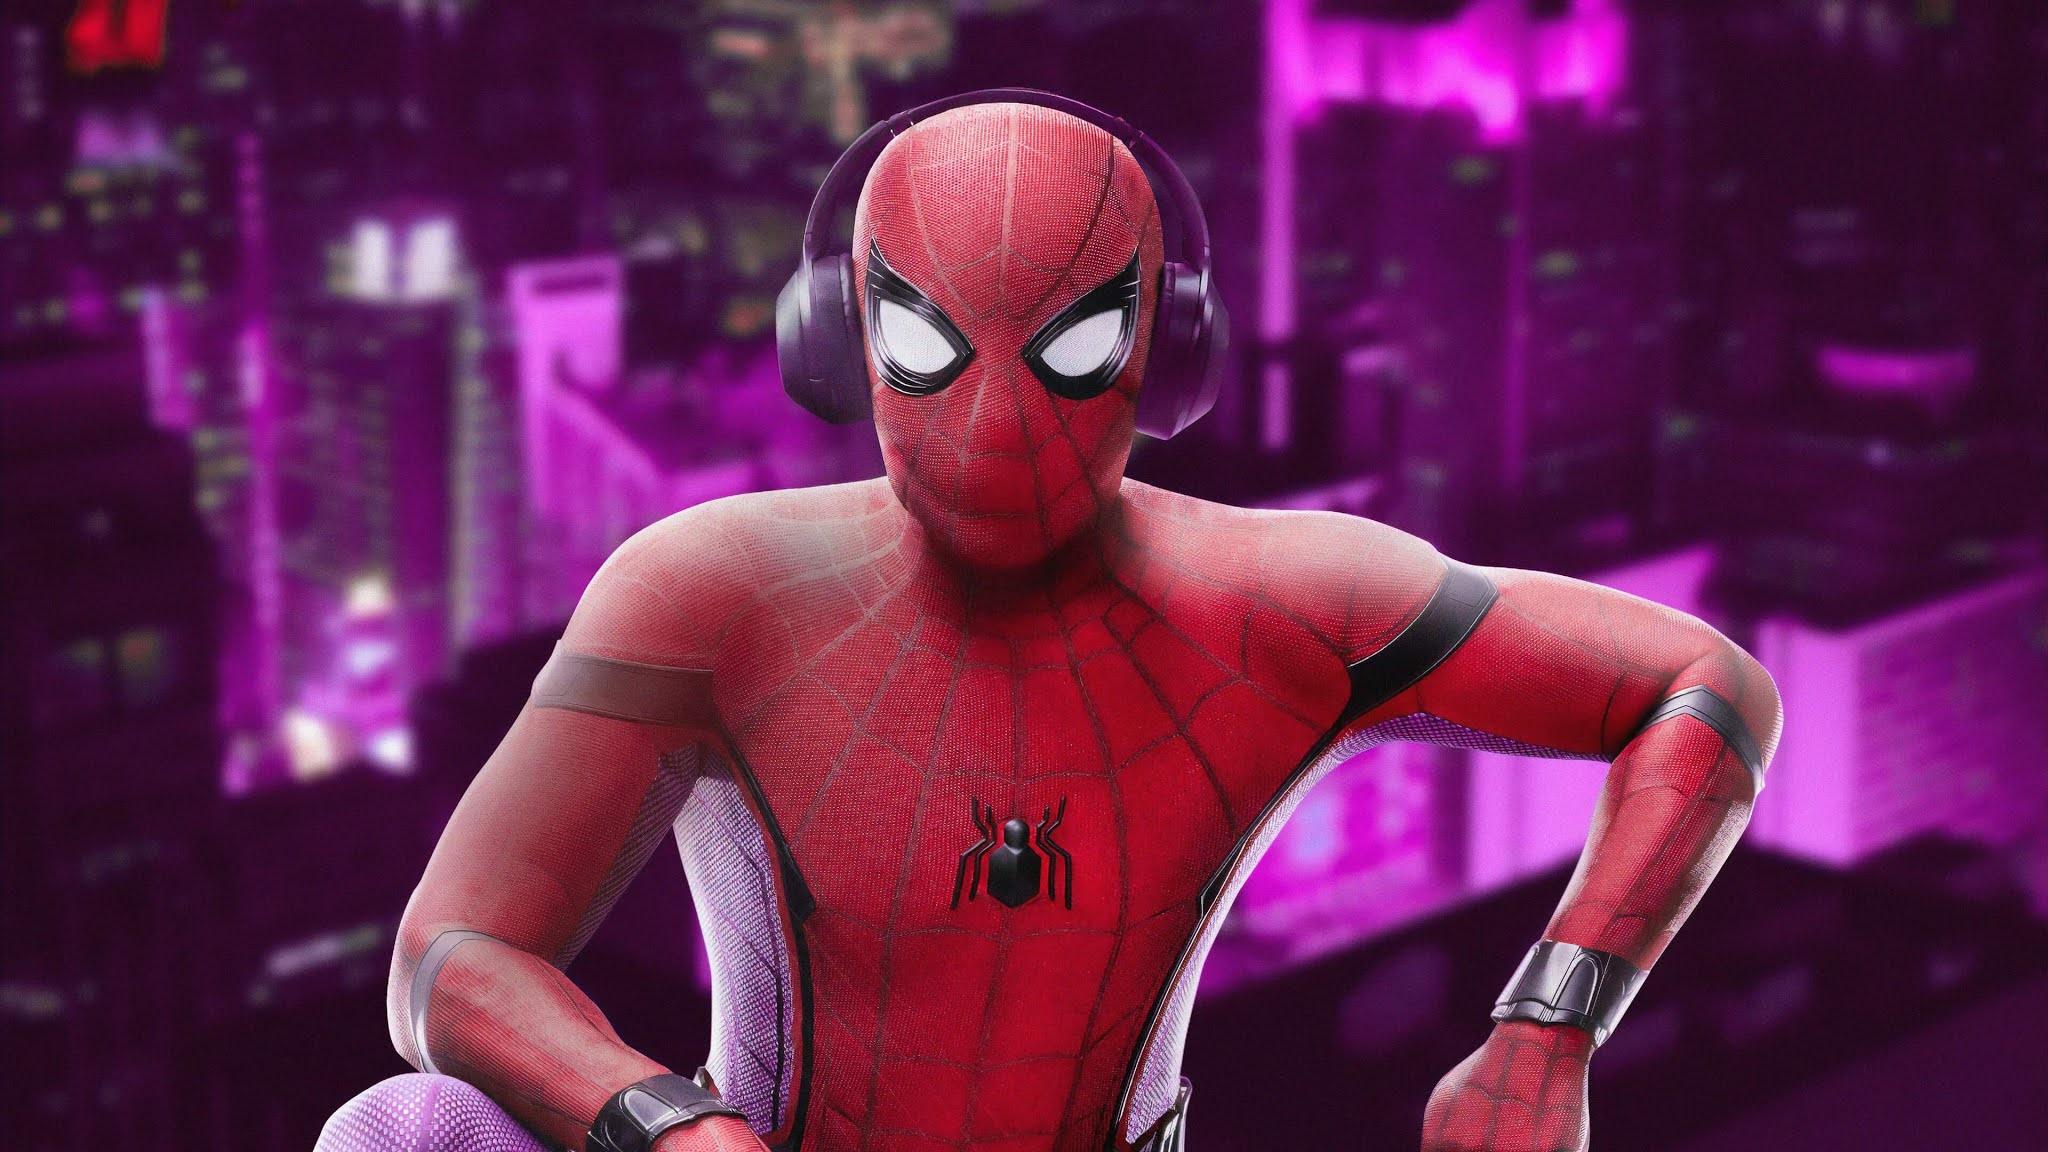 Pc wallpaper spider man